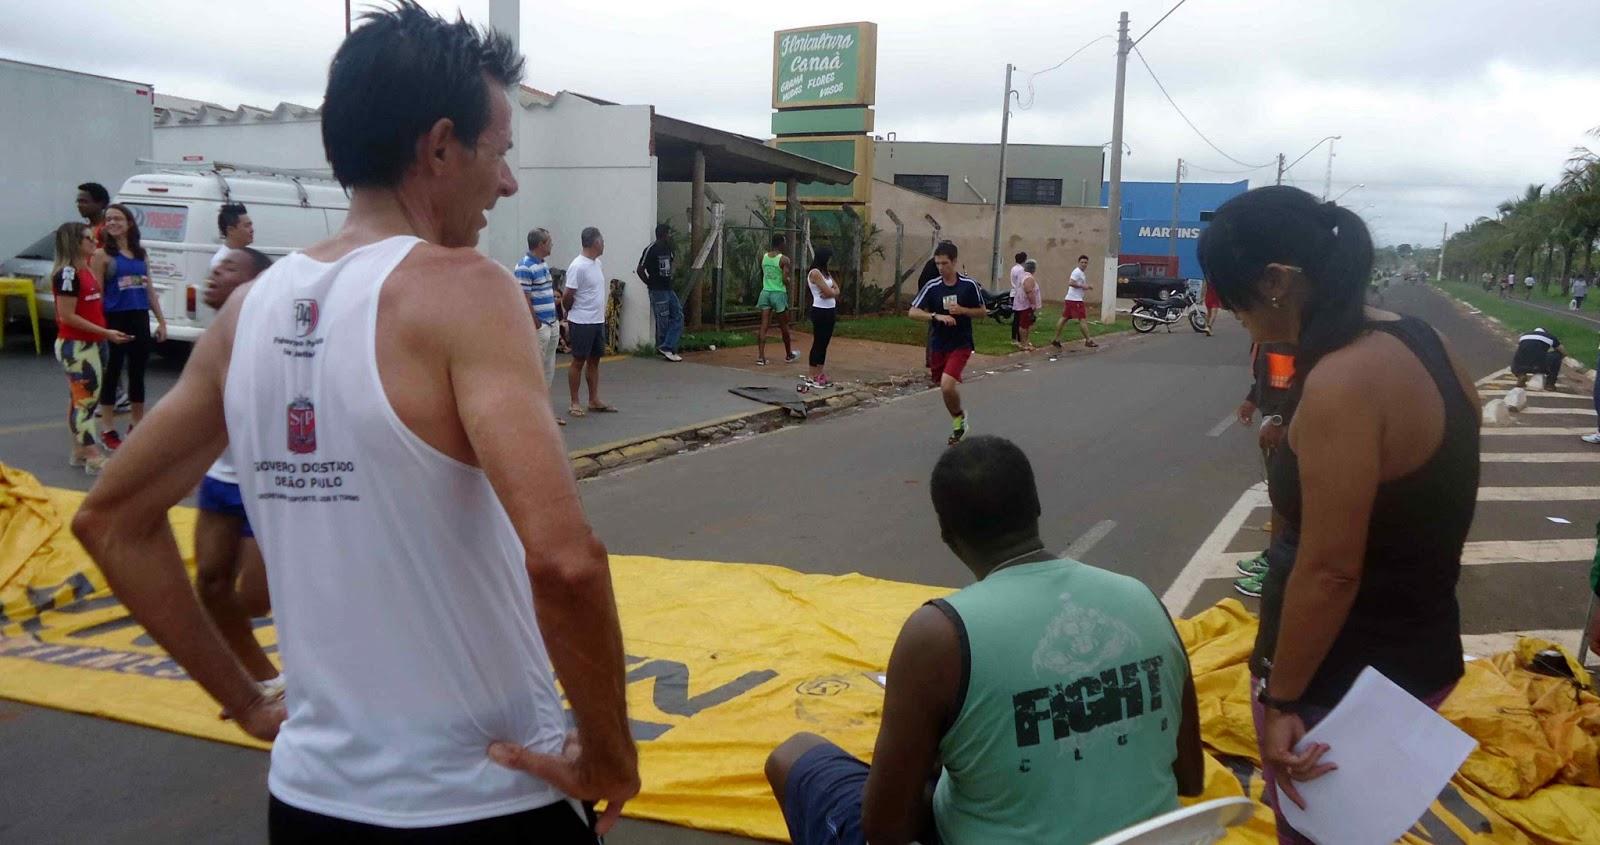 Foto 88 da 1ª Corrida Av. dos Coqueiros em Barretos-SP 14/04/2013 – Atletas cruzando a linha de chegada